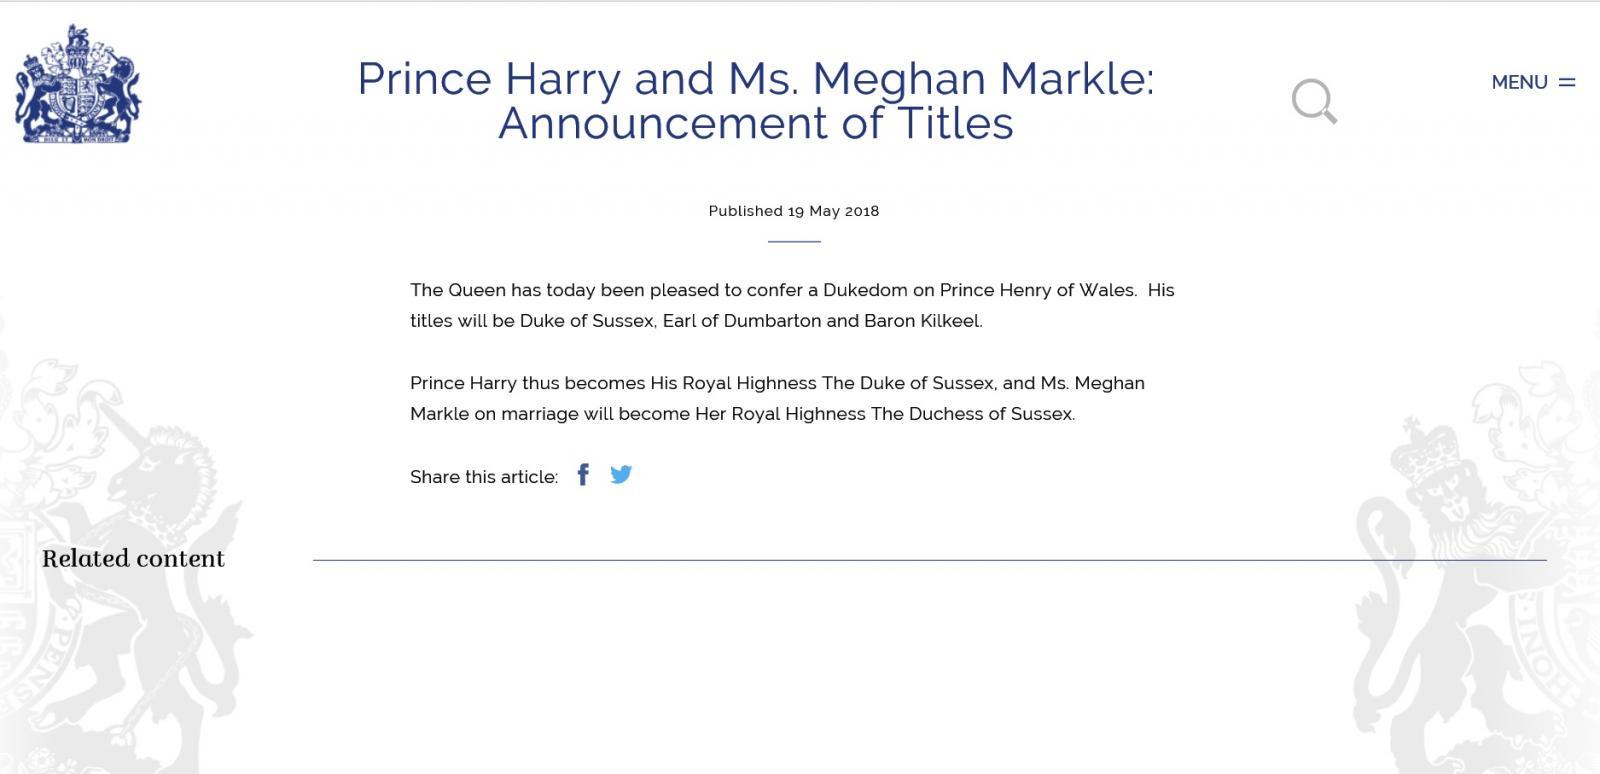 พระราชินีเอลิซาเบธที่ 2 พระราชทานพระบรรดาศักดิ์ดยุคและดัชเชสแห่งซัสเซกส์ แก่เจ้าชายแฮร์รี่และเมแกน มาร์เคิล